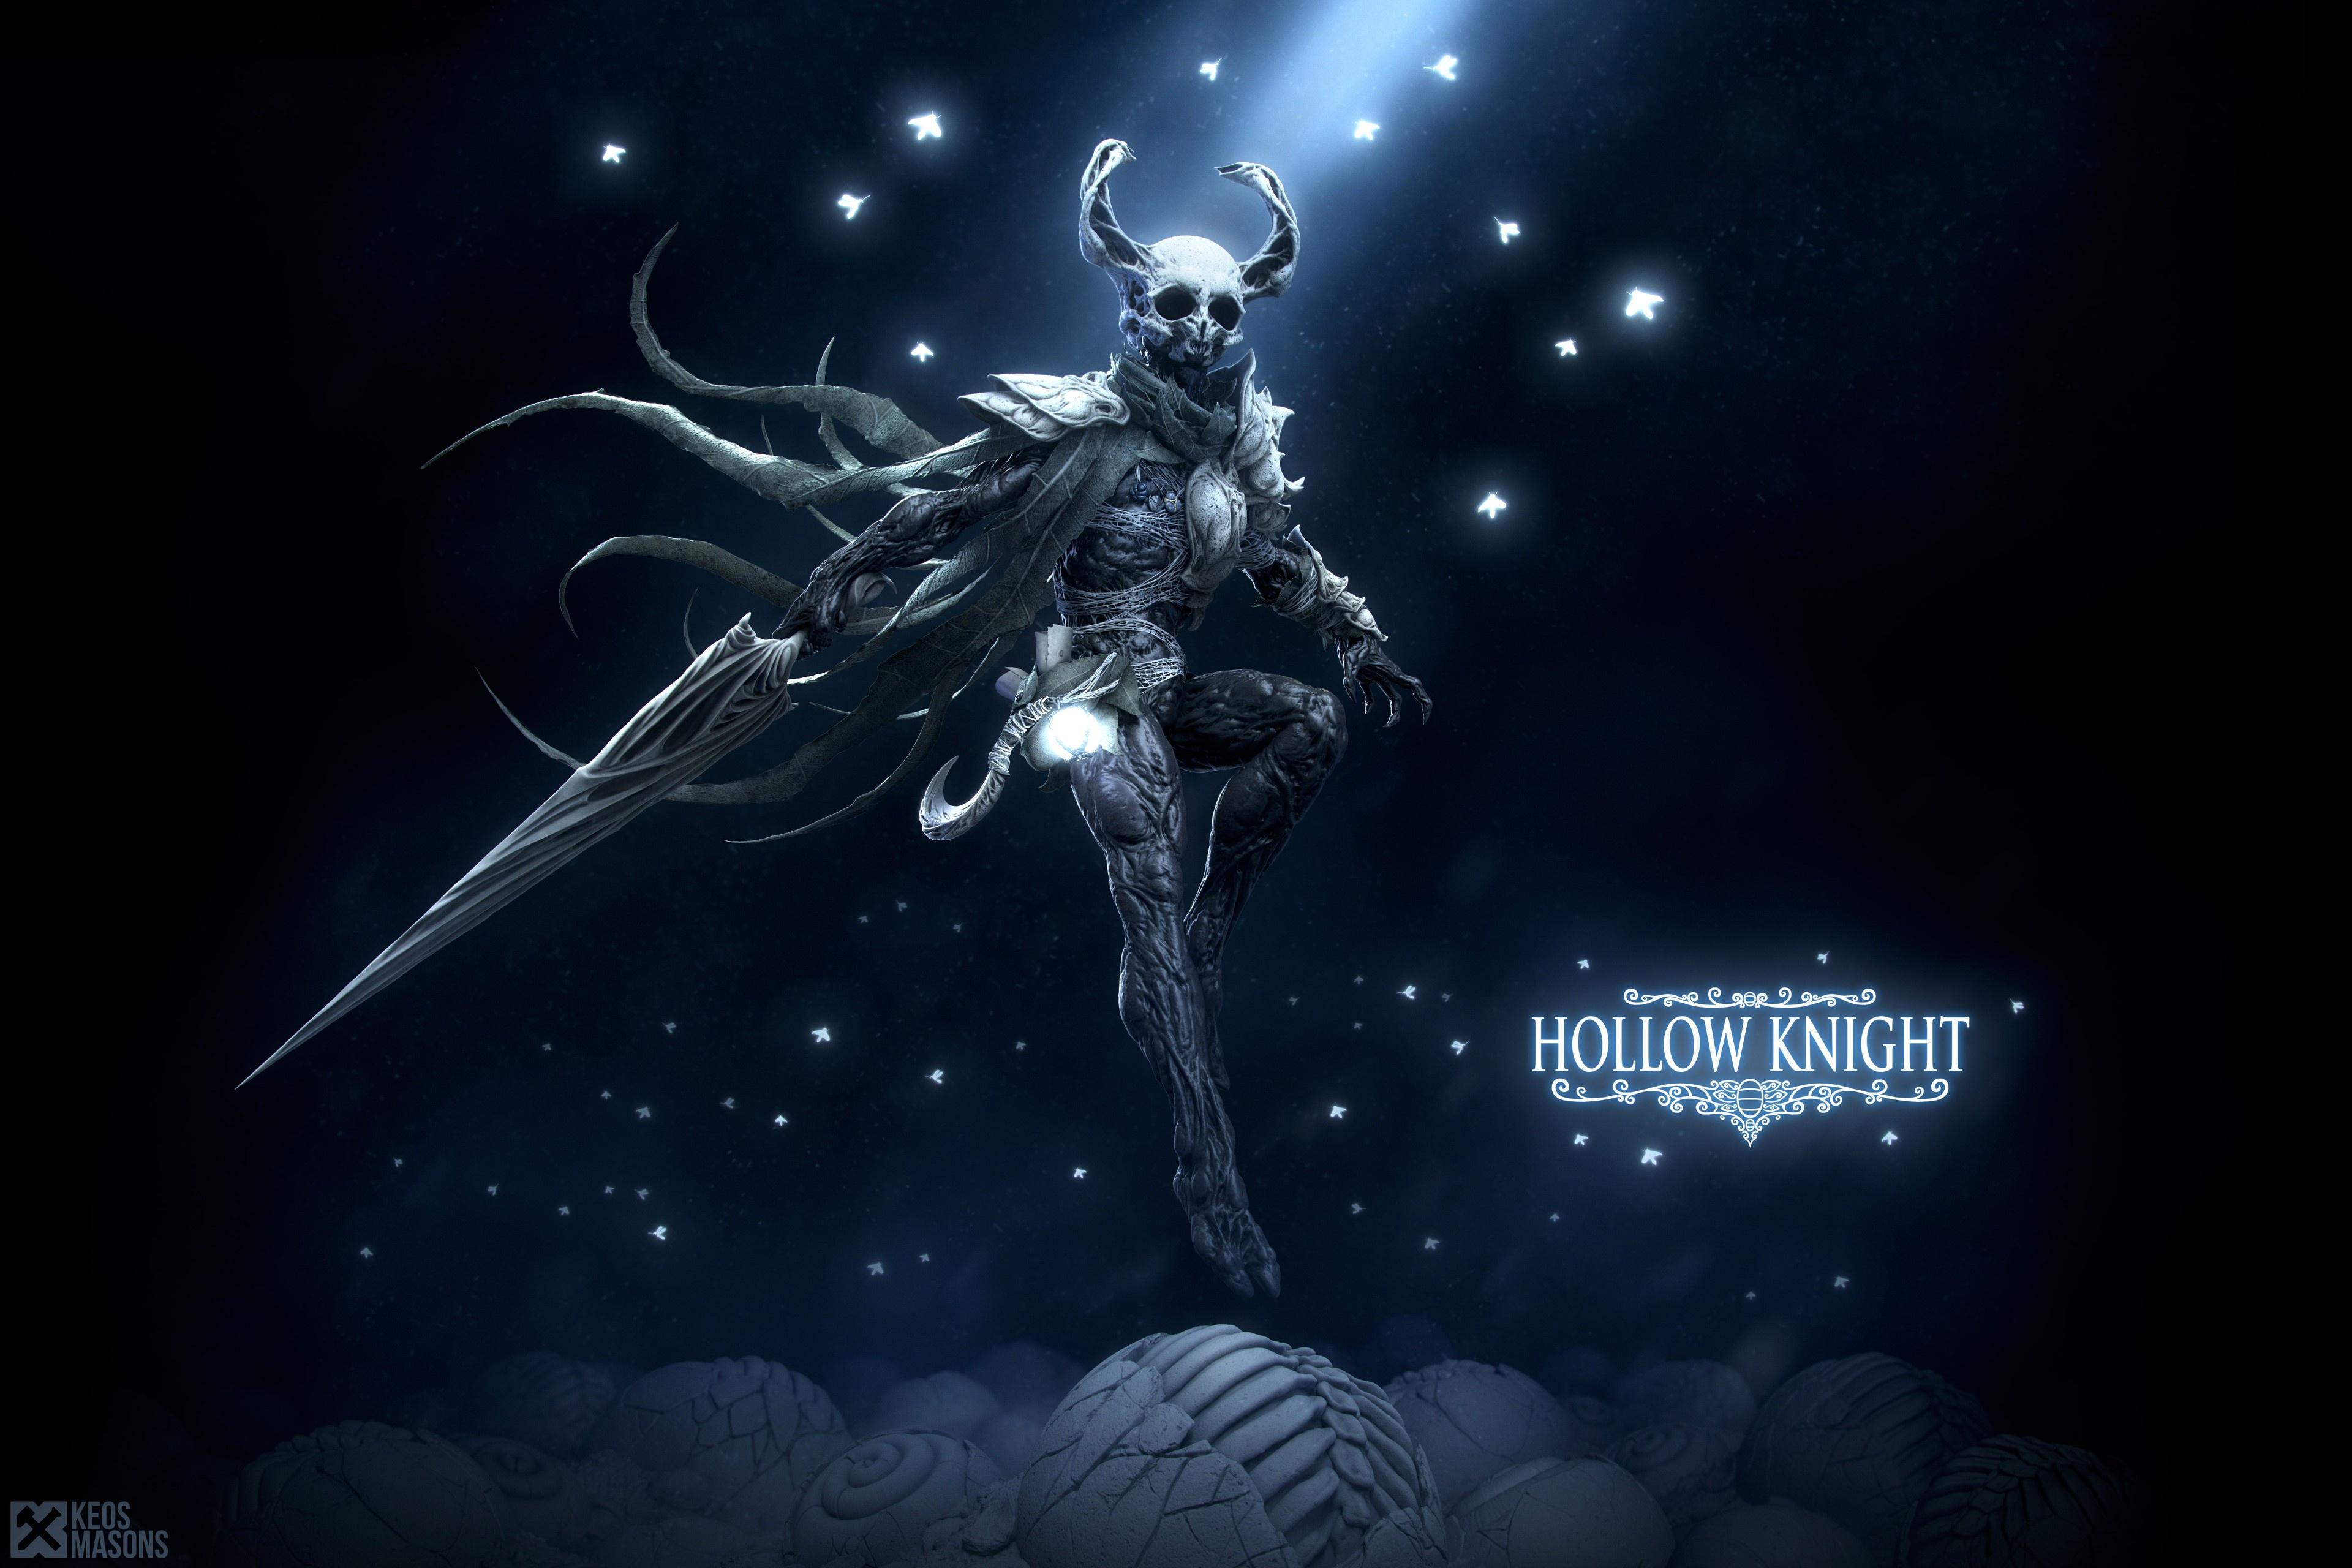 Обои для рабочего стола меча Воители Рога Hollow Knight, Keos Masons Игры 3840x2560 меч Мечи с мечом воин воины с рогами компьютерная игра